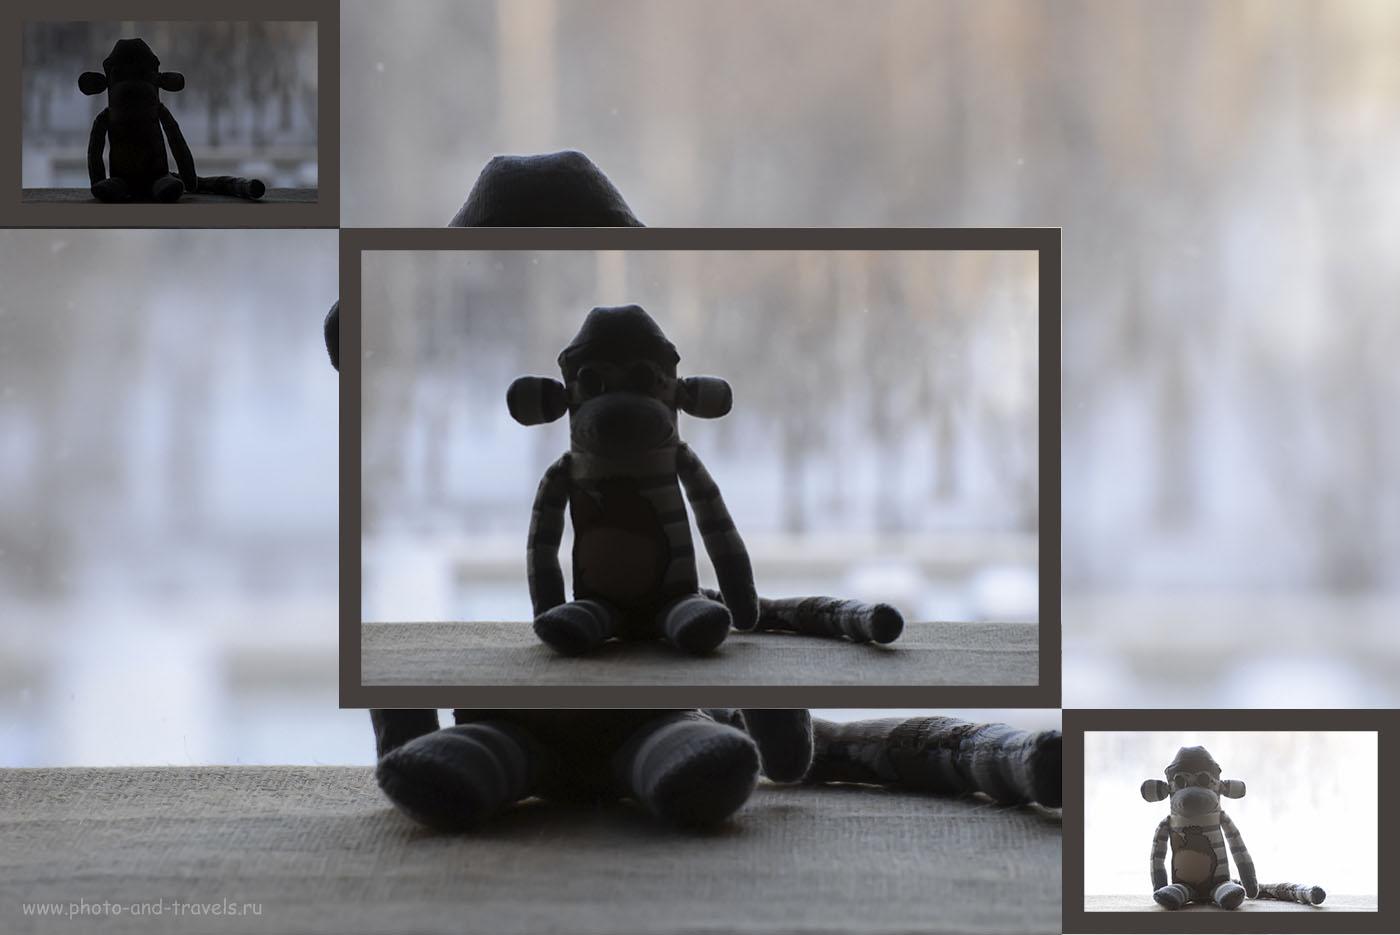 23. Как фотографировать против светлого неба? Делаем заготовки для HDR и собираем их в один кадр. Уроки фотографии для начинающих фотолюбителей.